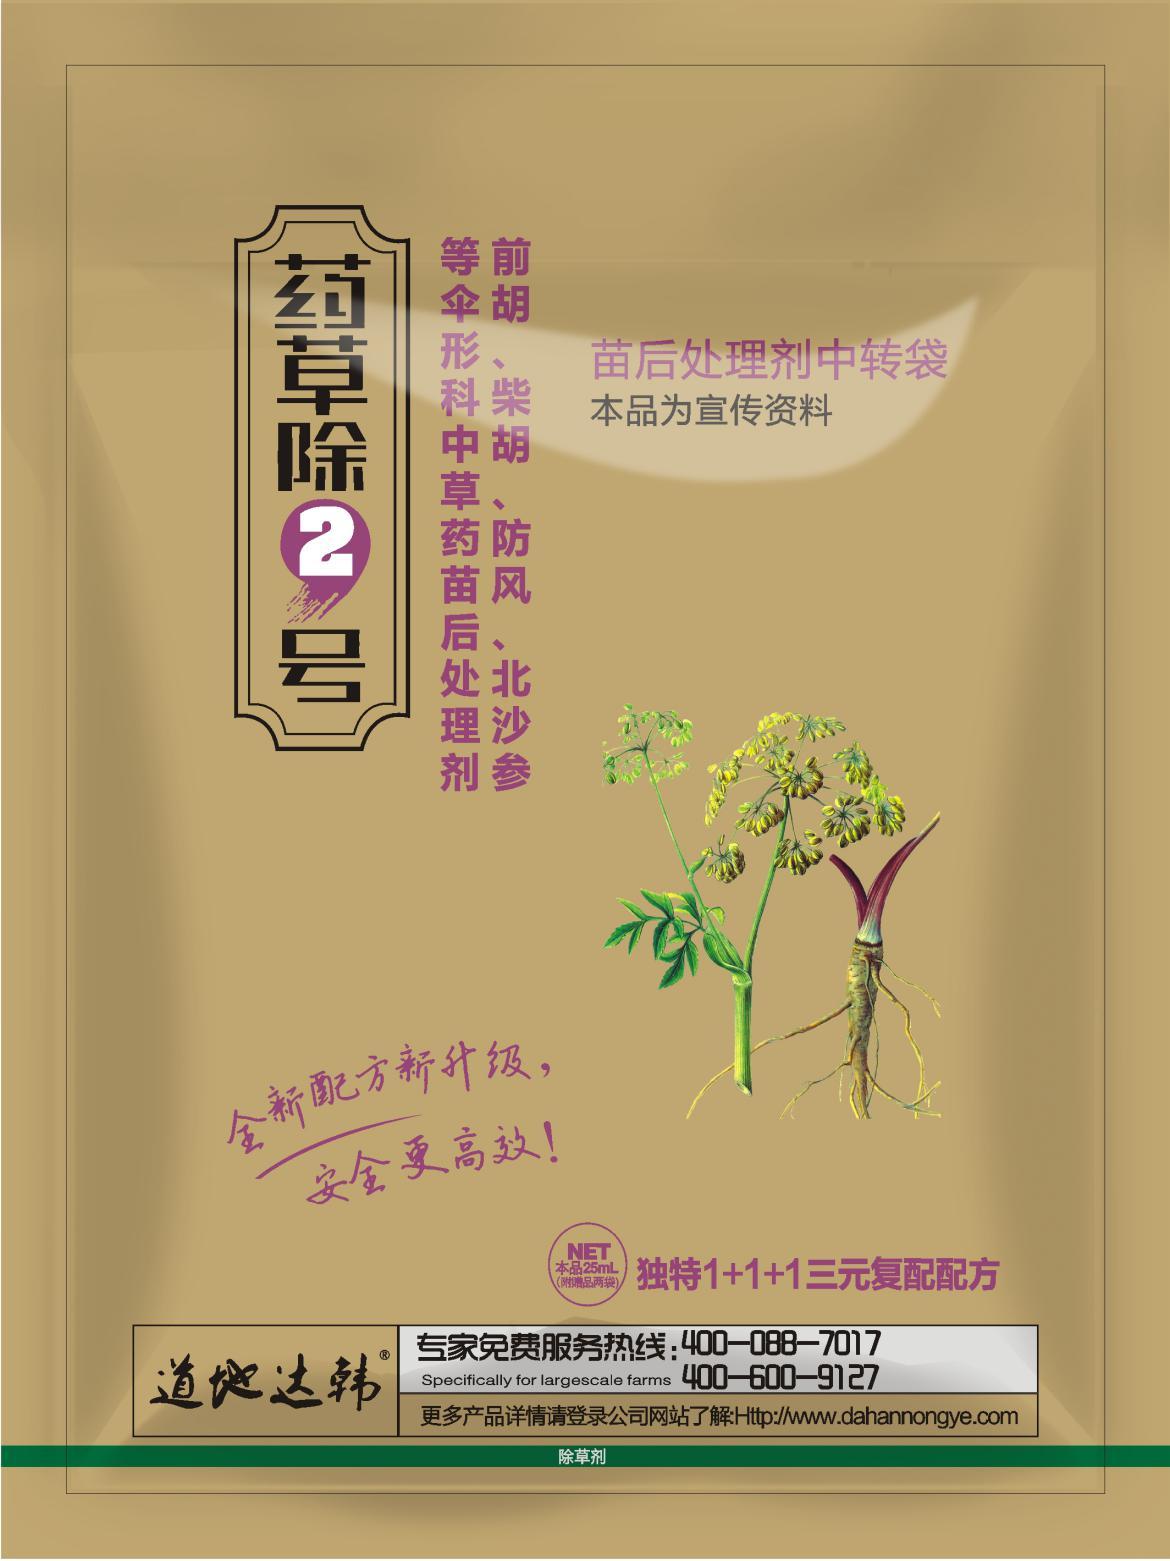 前胡除草剂厂家-想买合格的前胡除草剂,就到大韩作物